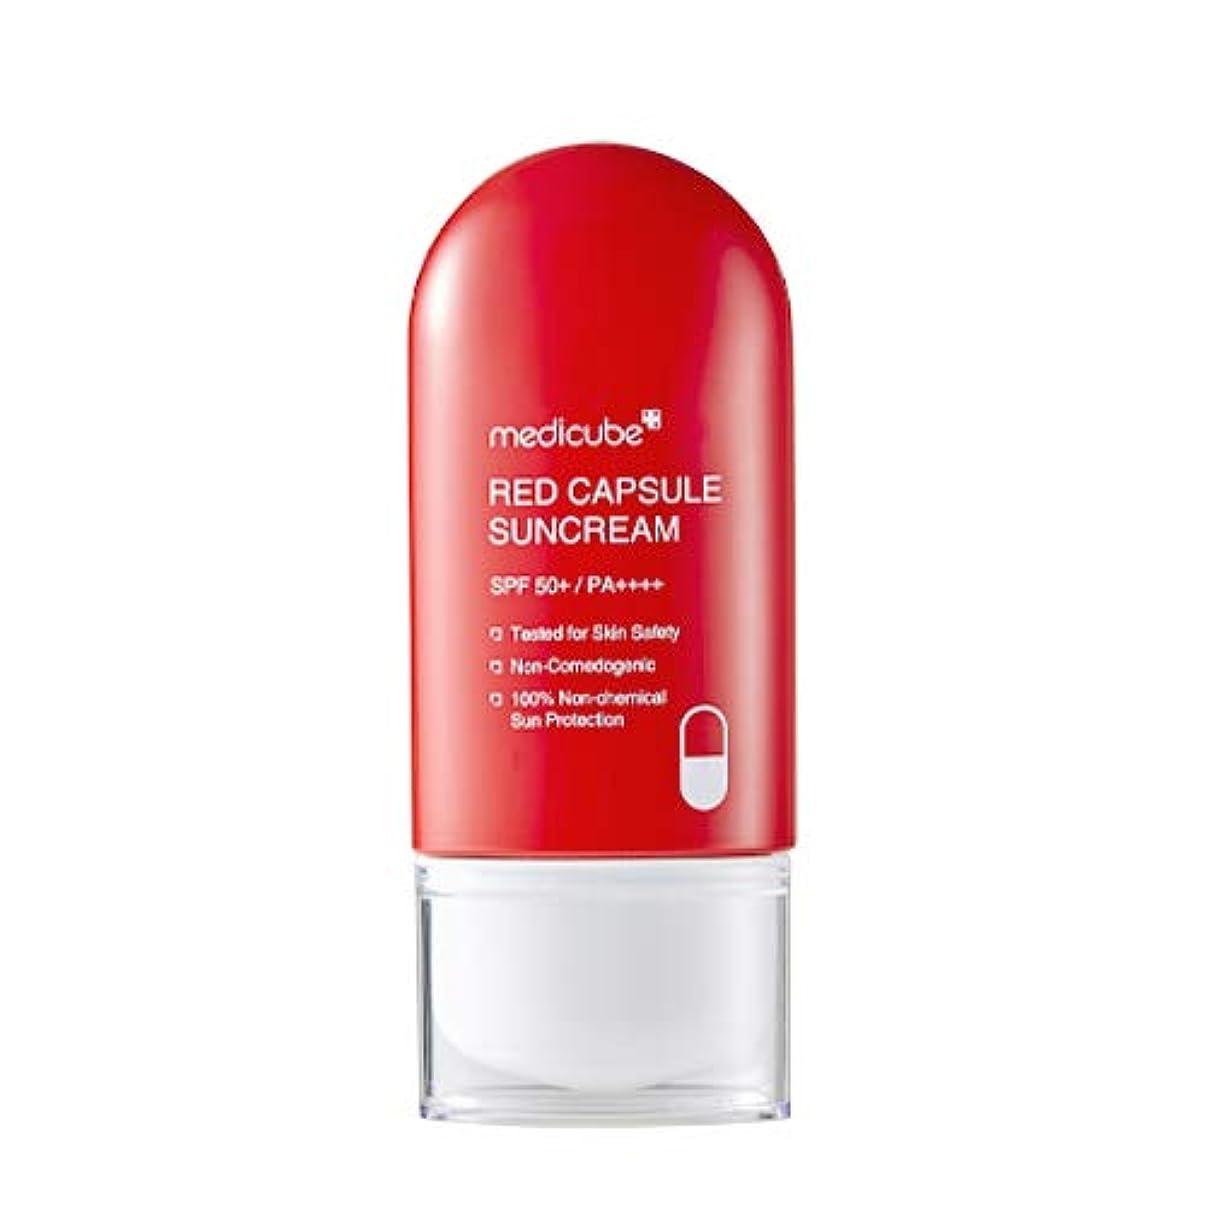 ピル不規則なランチメディキューブ日本公式(medicube) レッドカプセルサンクリーム MEDICUBE RED CAPSULE SUNCREAM 30g